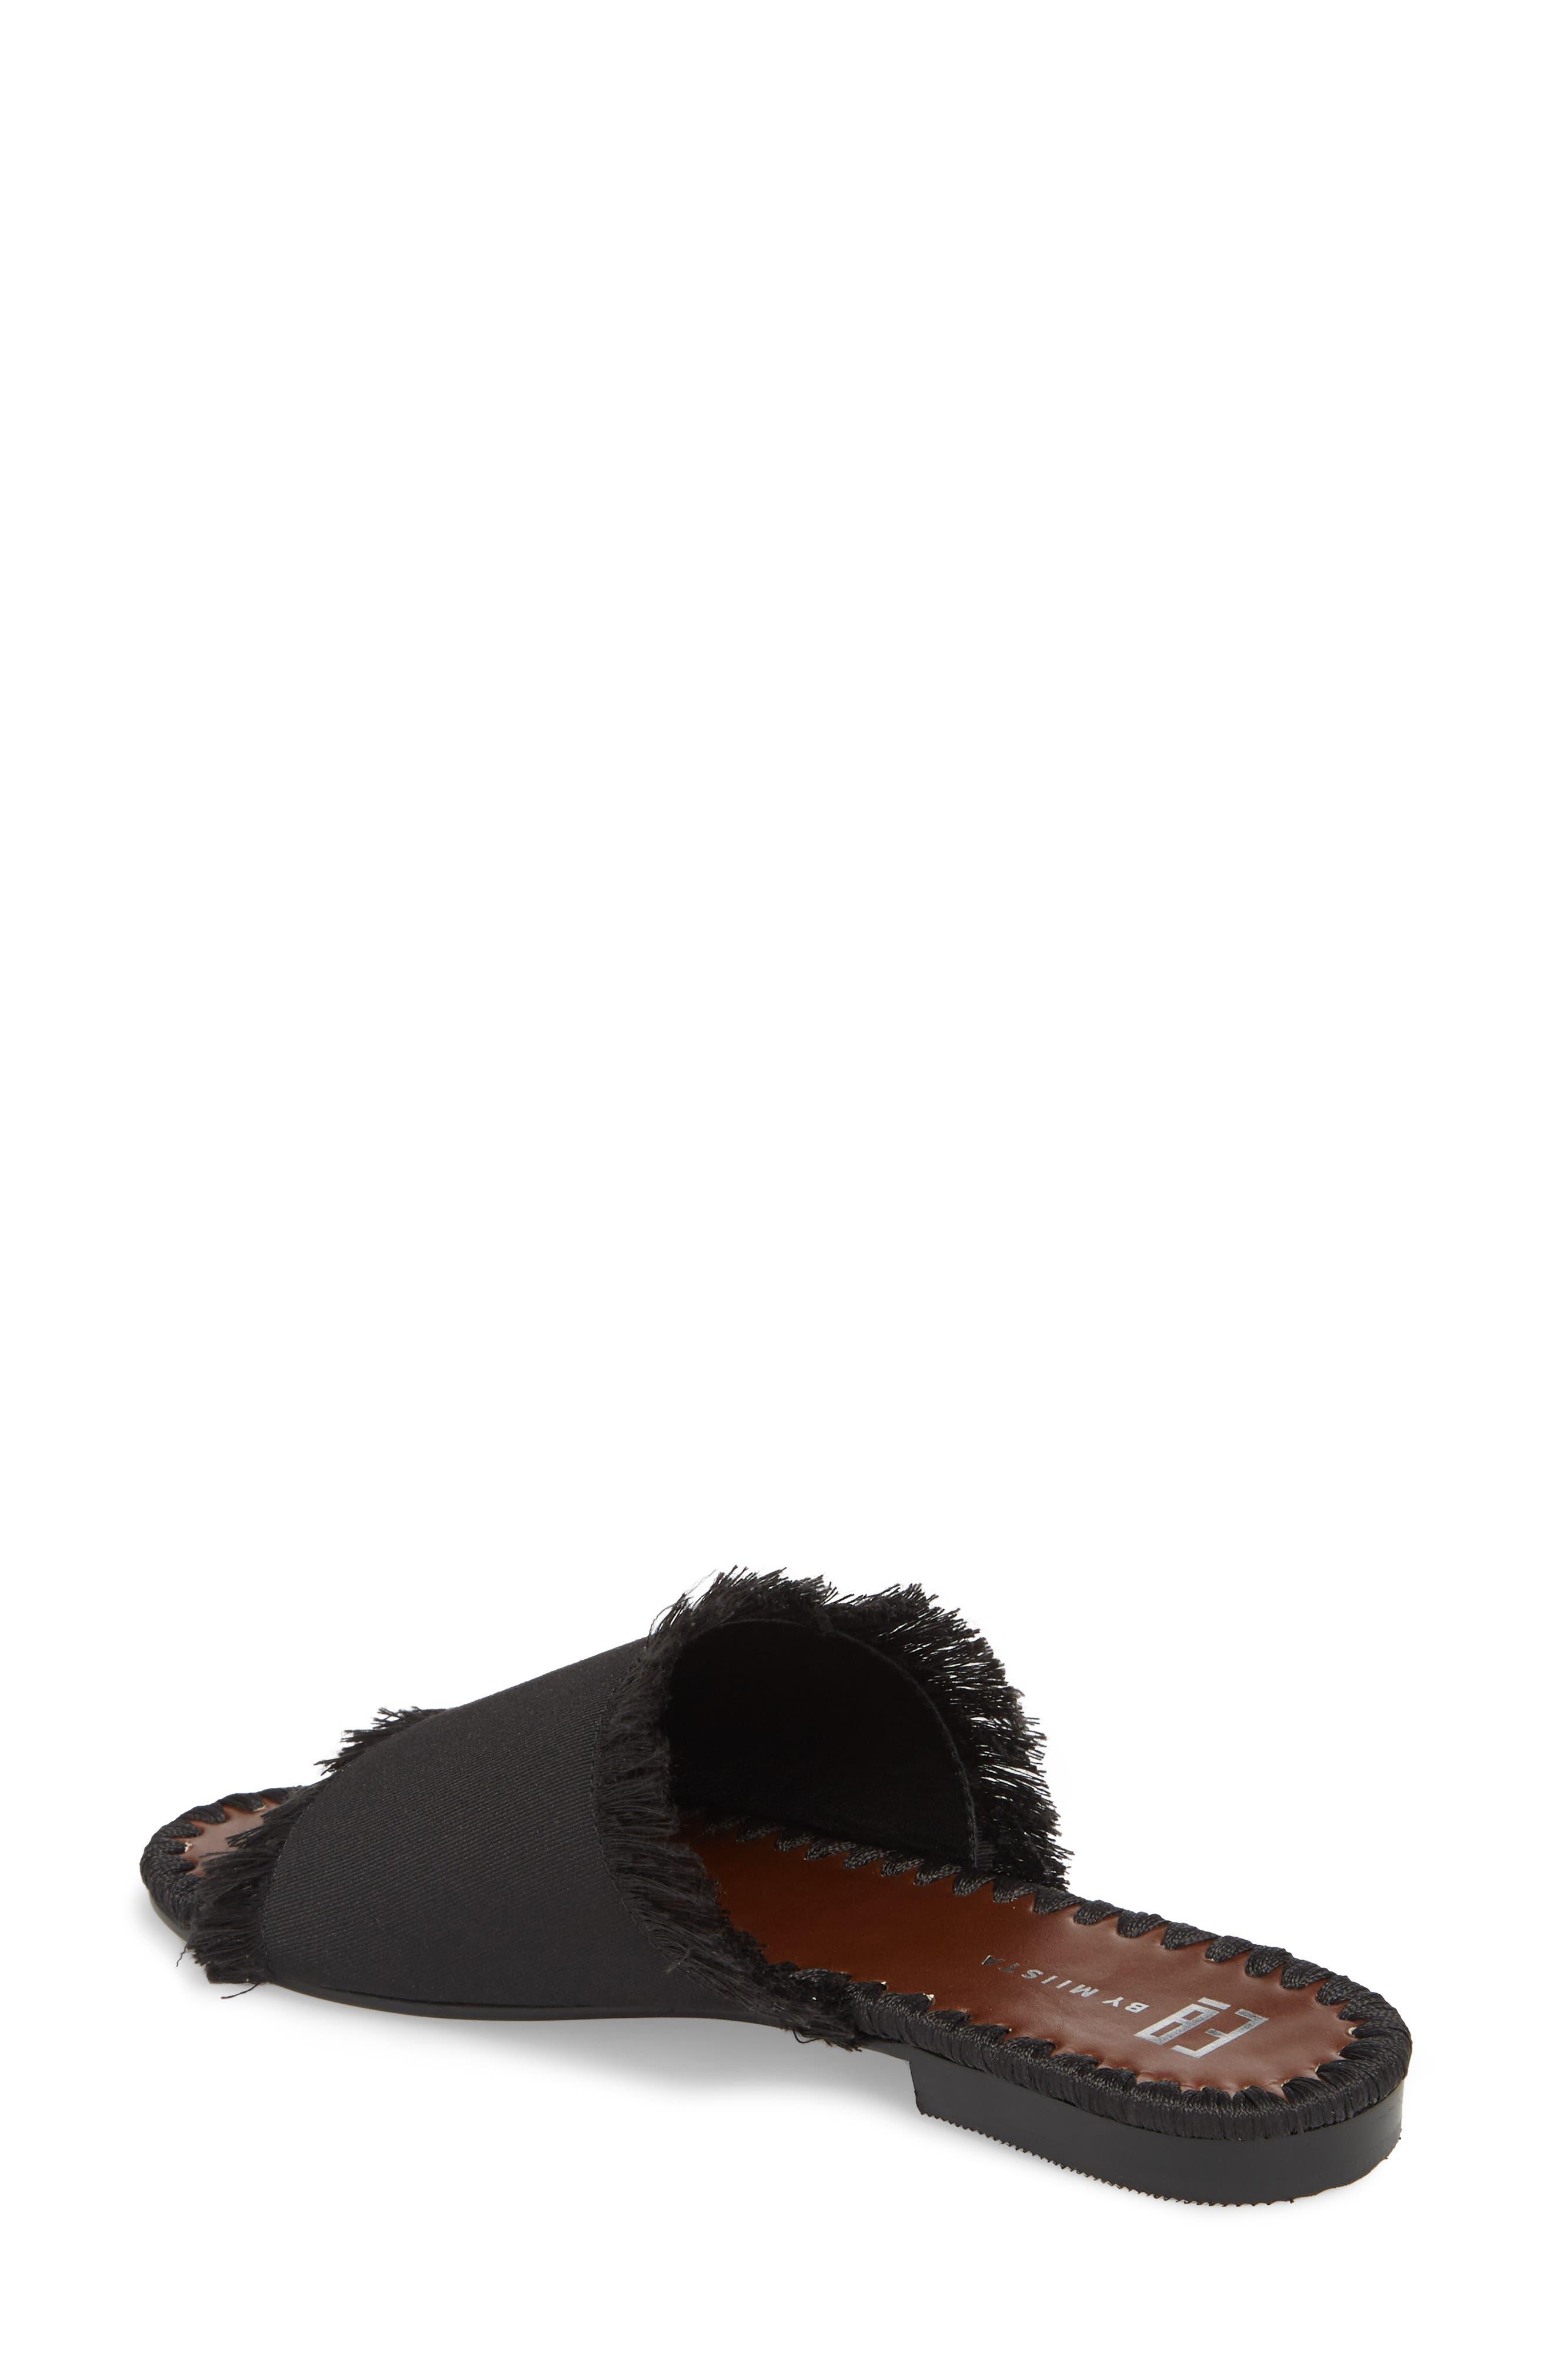 Tavie Fringed Slide Sandal,                             Alternate thumbnail 2, color,                             BLACK FABRIC